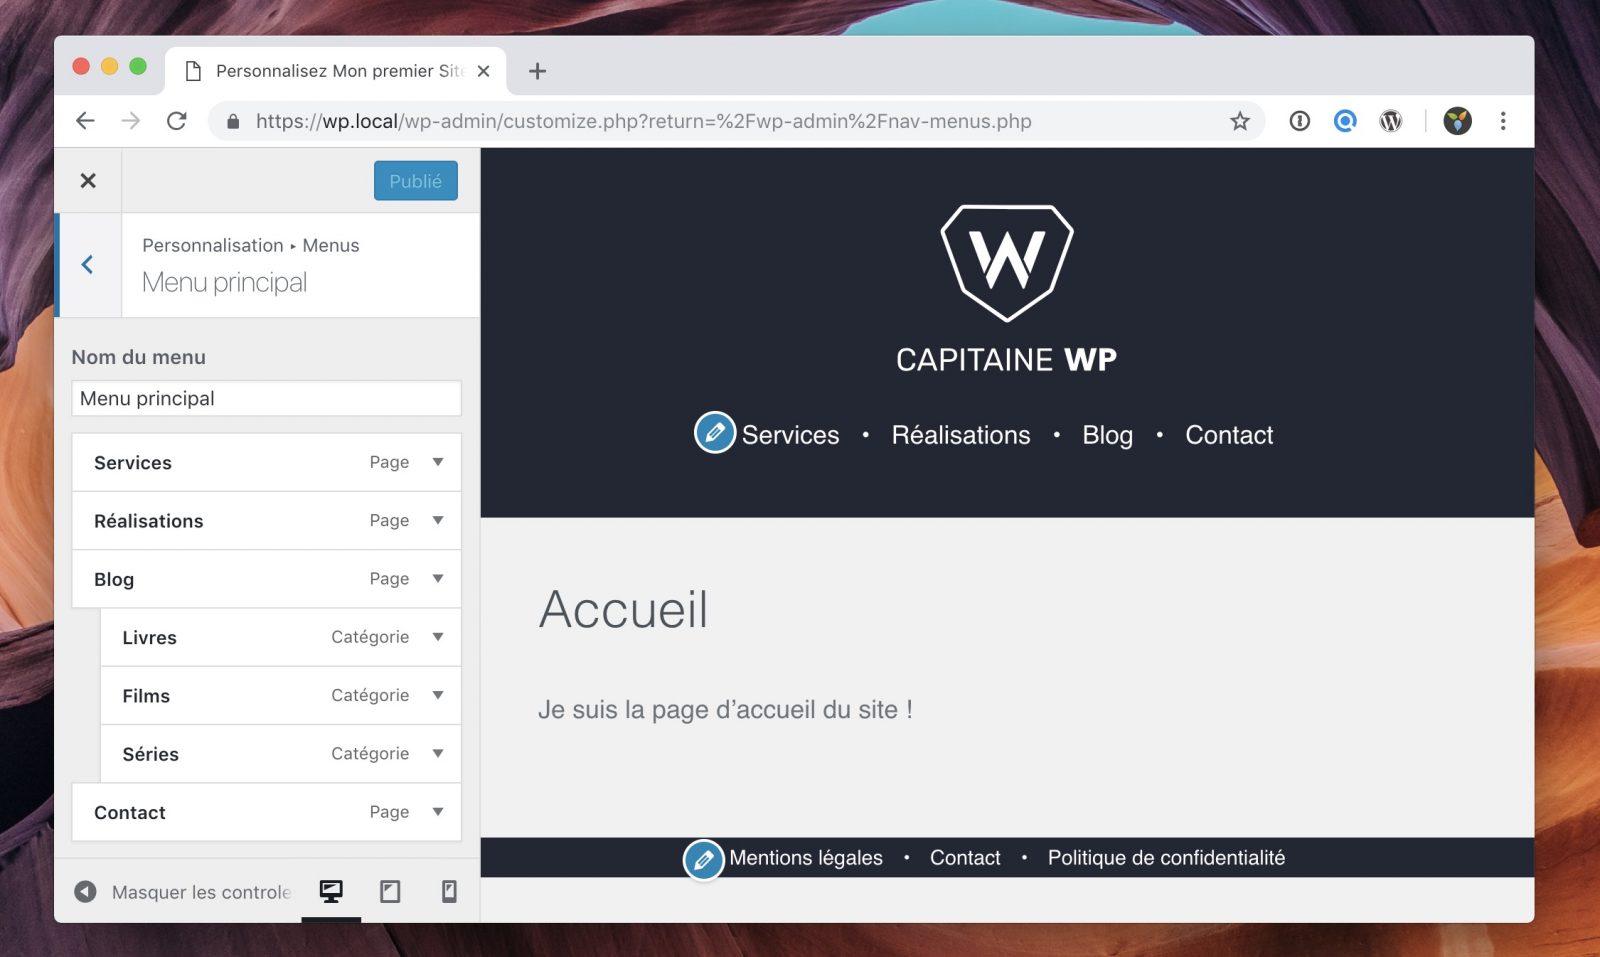 La modification des menus depuis l'interface du customizer WordPress